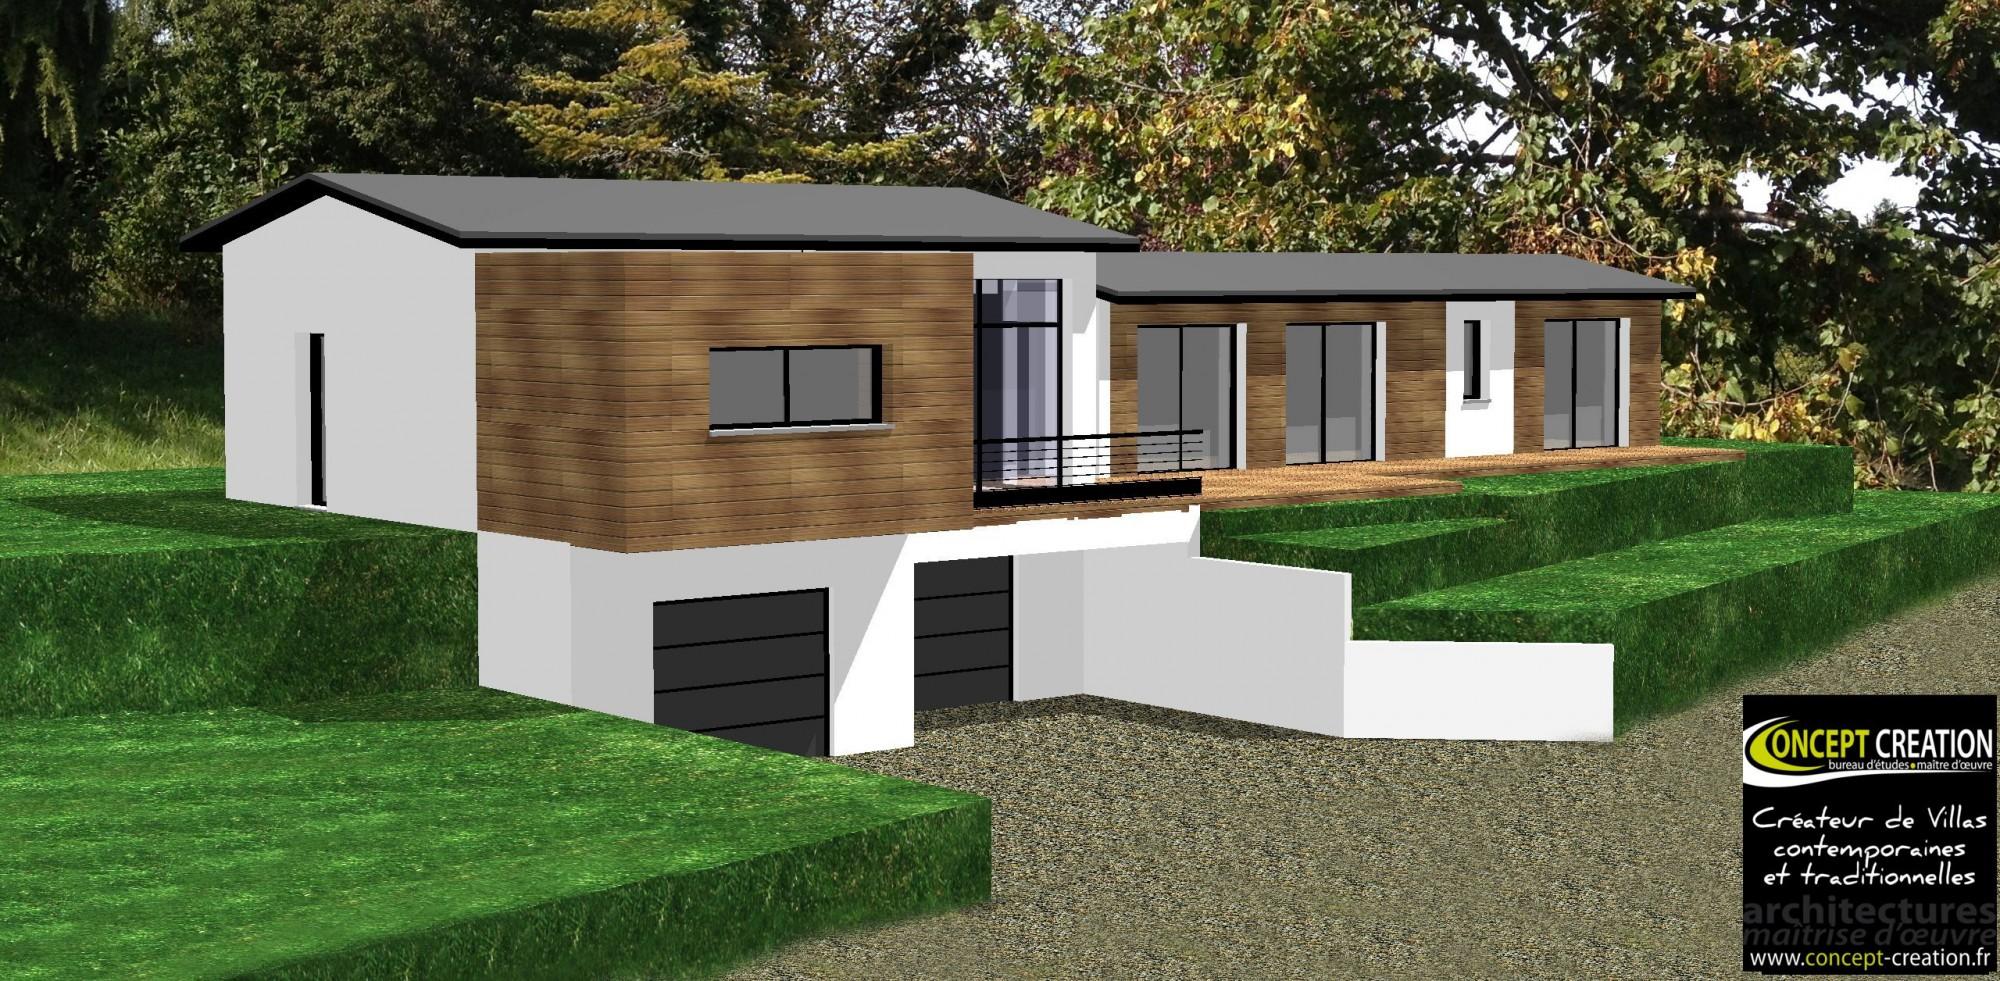 Maison contemporaine atypique en bois et acier bureau d for Intervenant exterieur